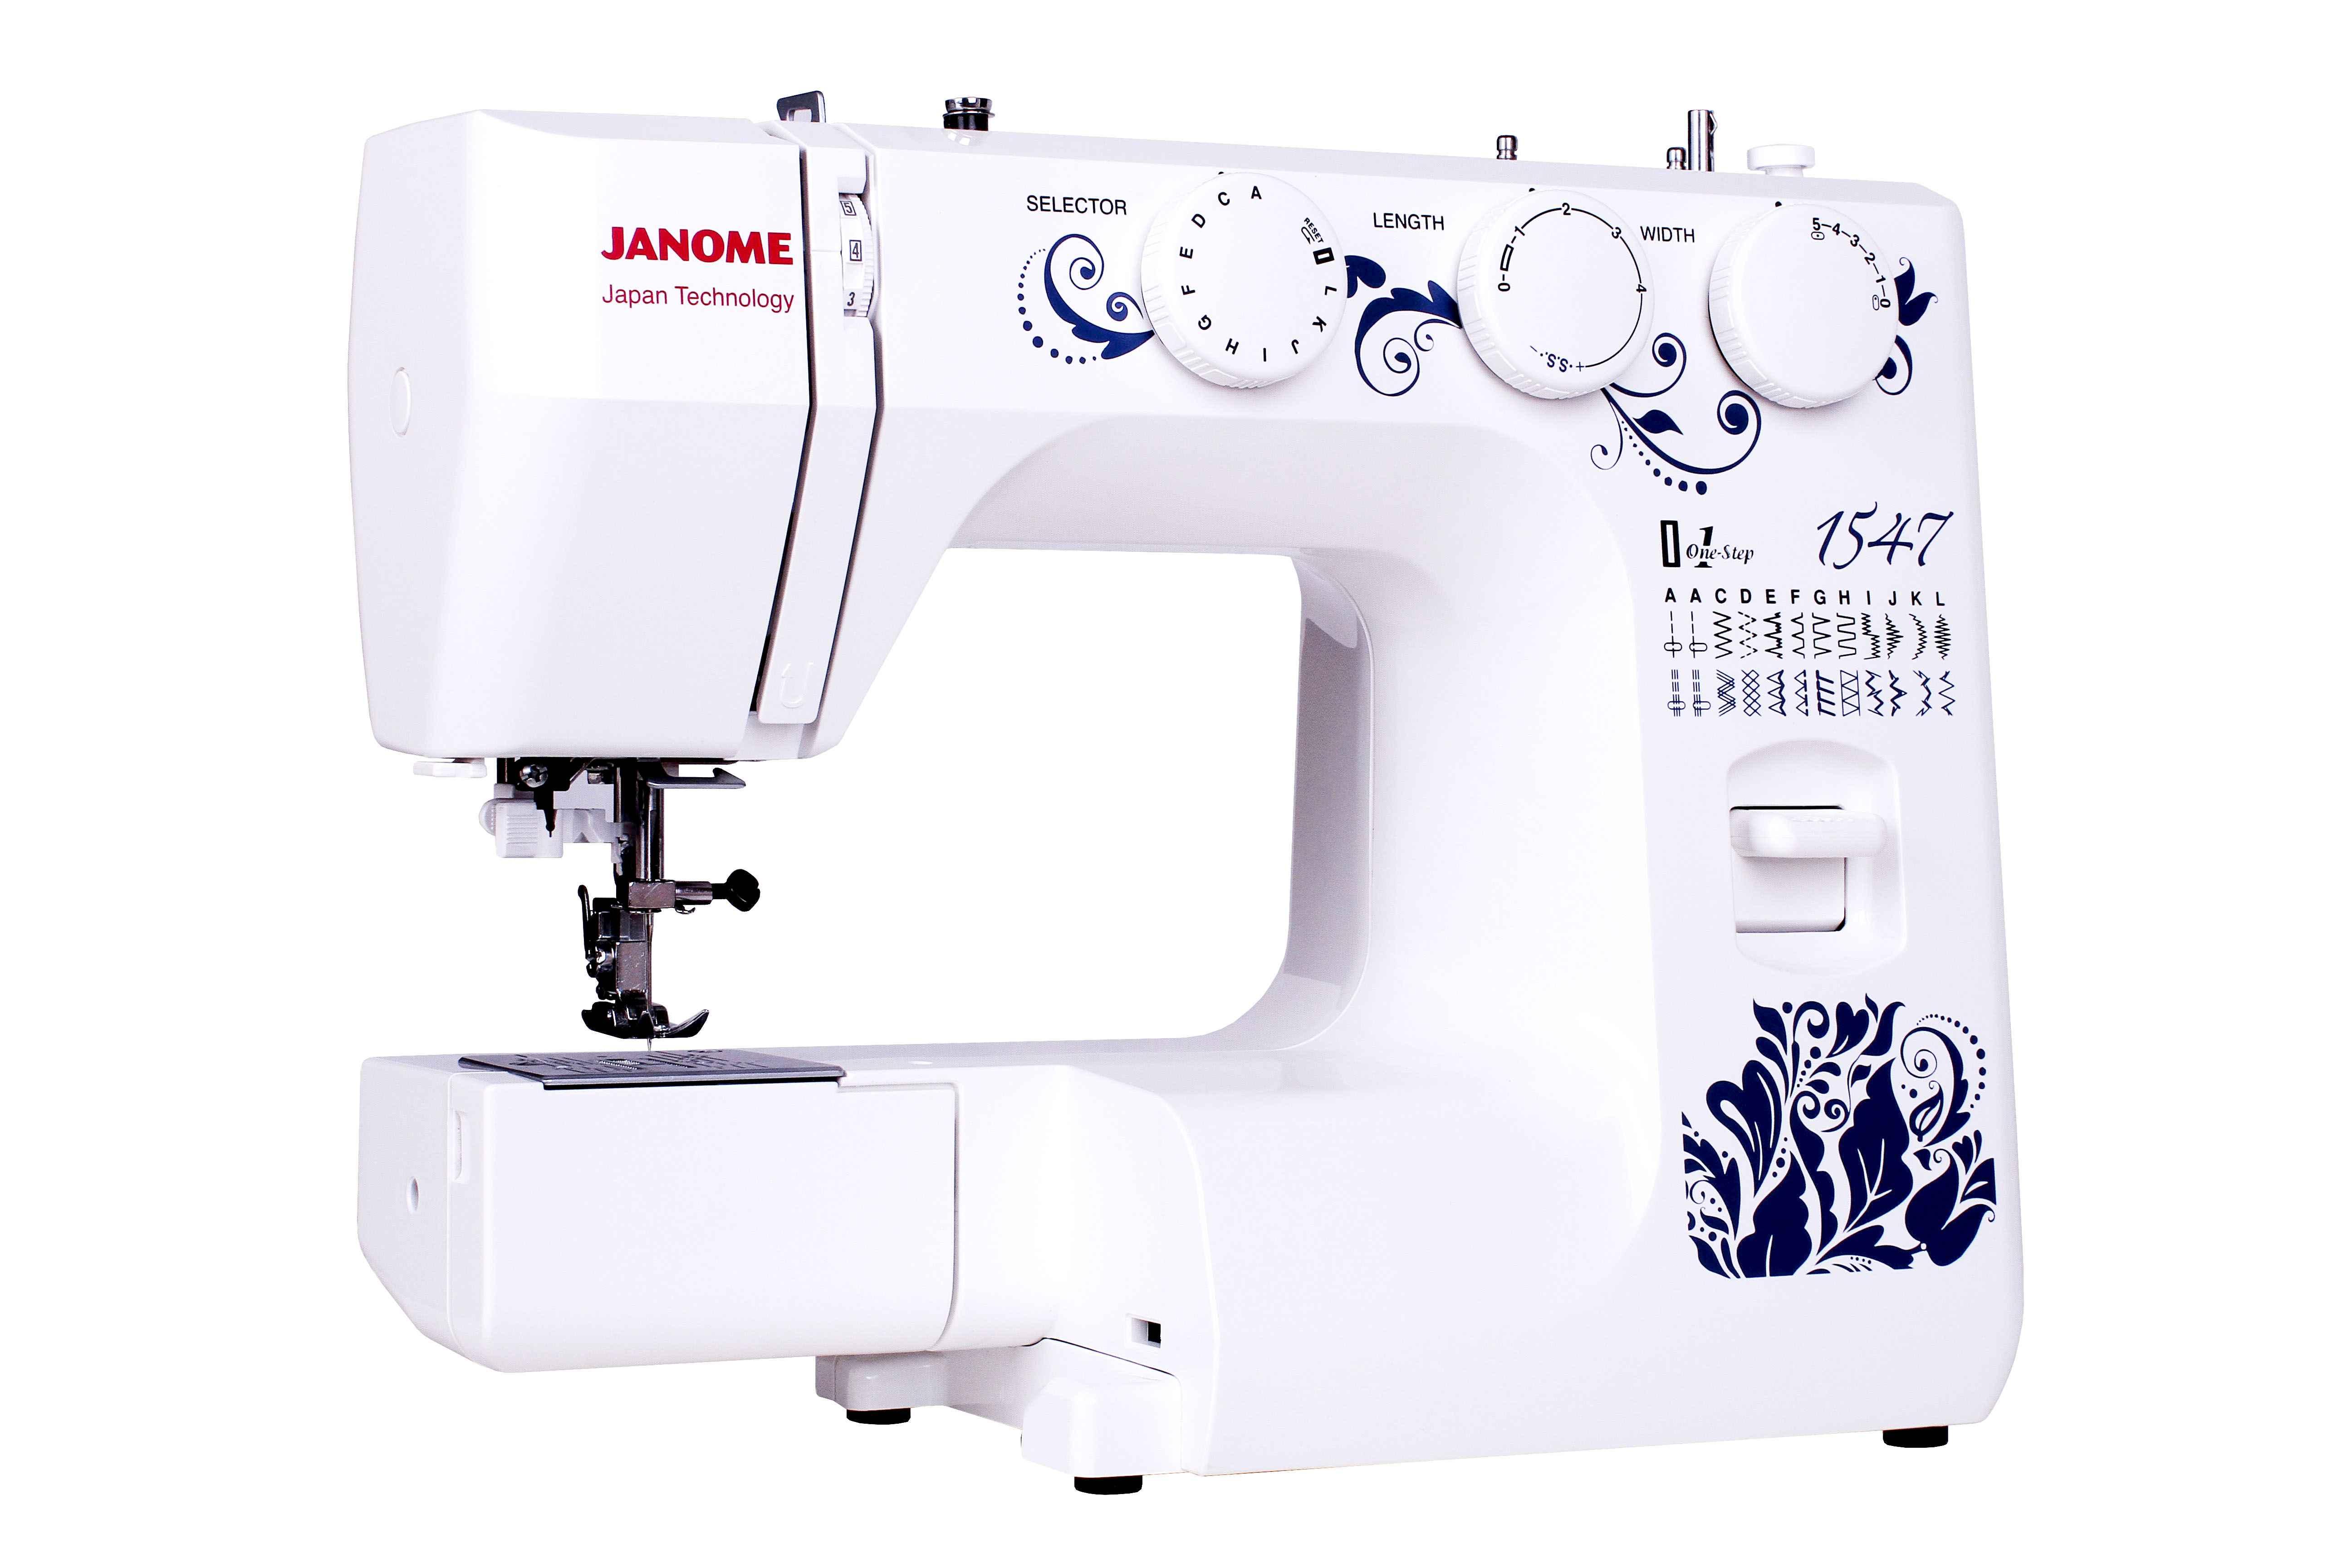 Швейная машина Janome 1547 швейные машины minerva швейная машина a819b